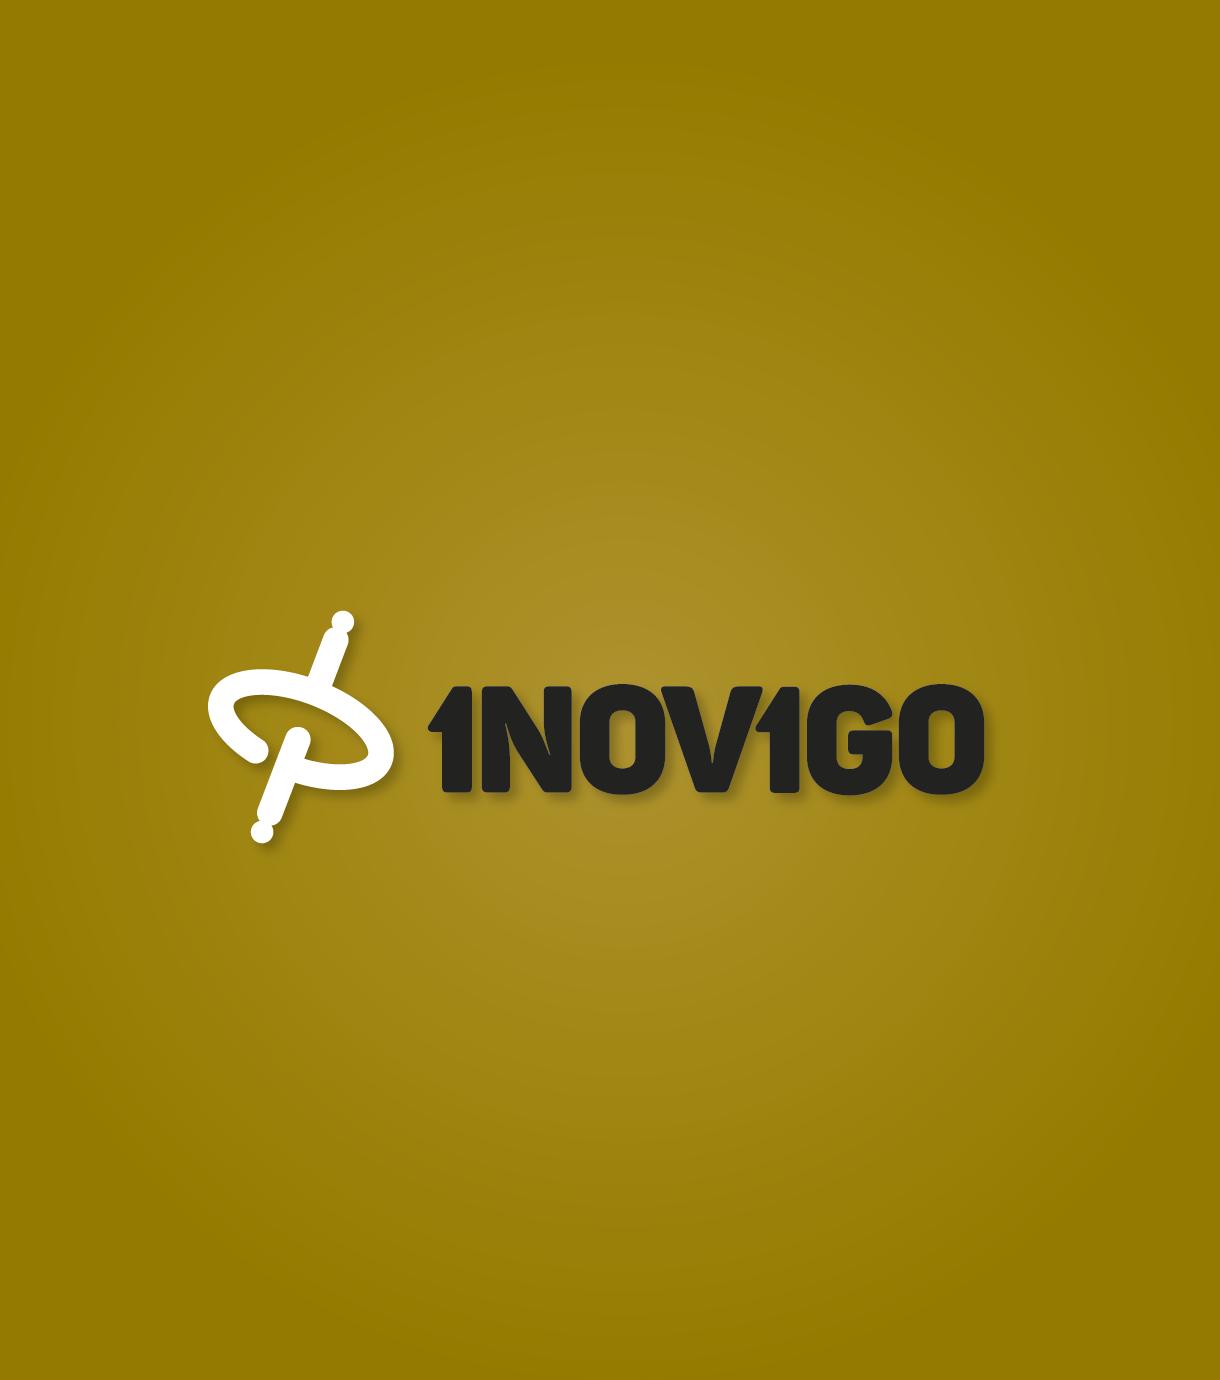 inovigo